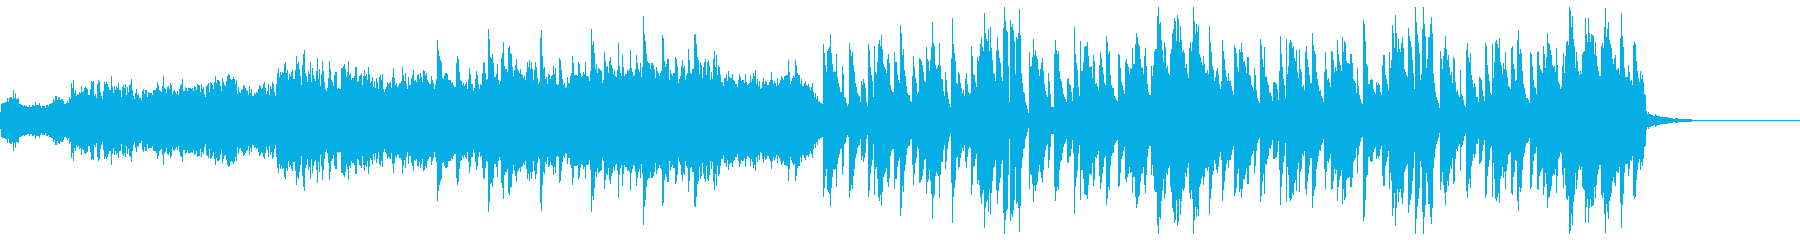 かわいい感じの変則ビートの再生済みの波形